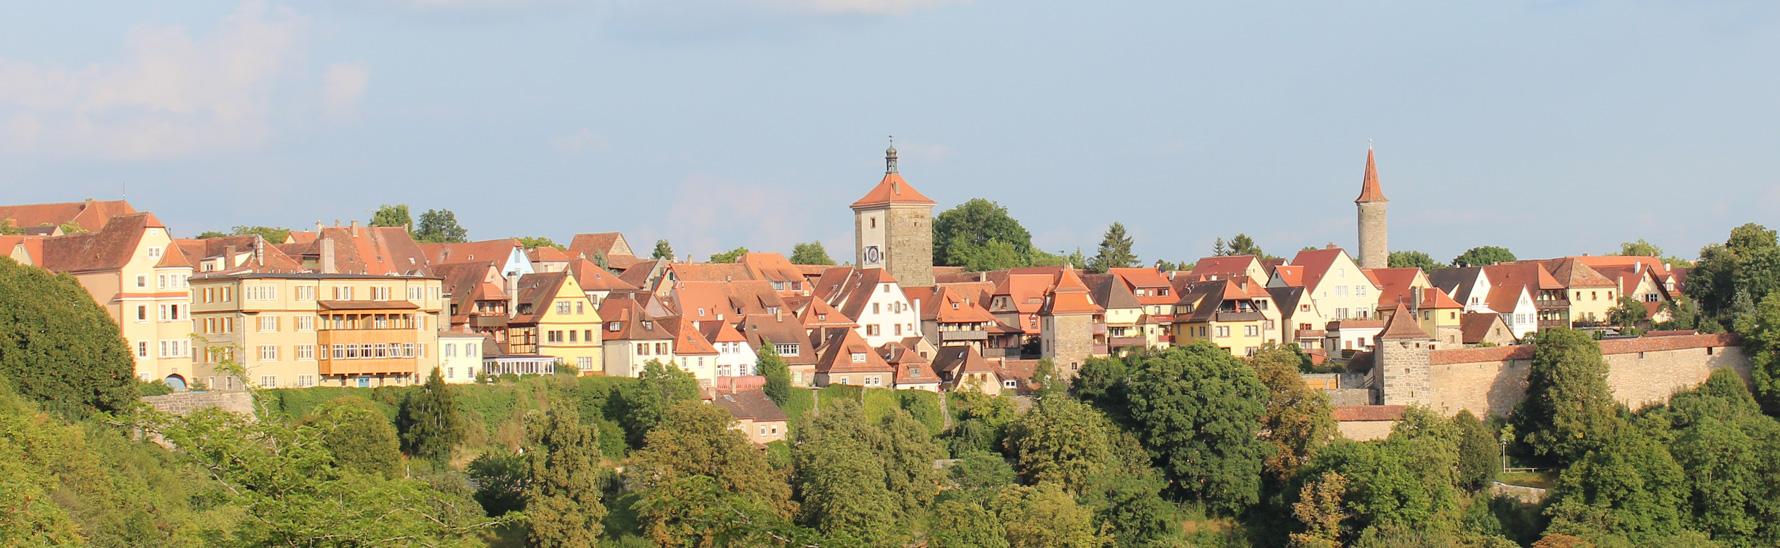 Dirne aus Rothenburg ob der Tauber